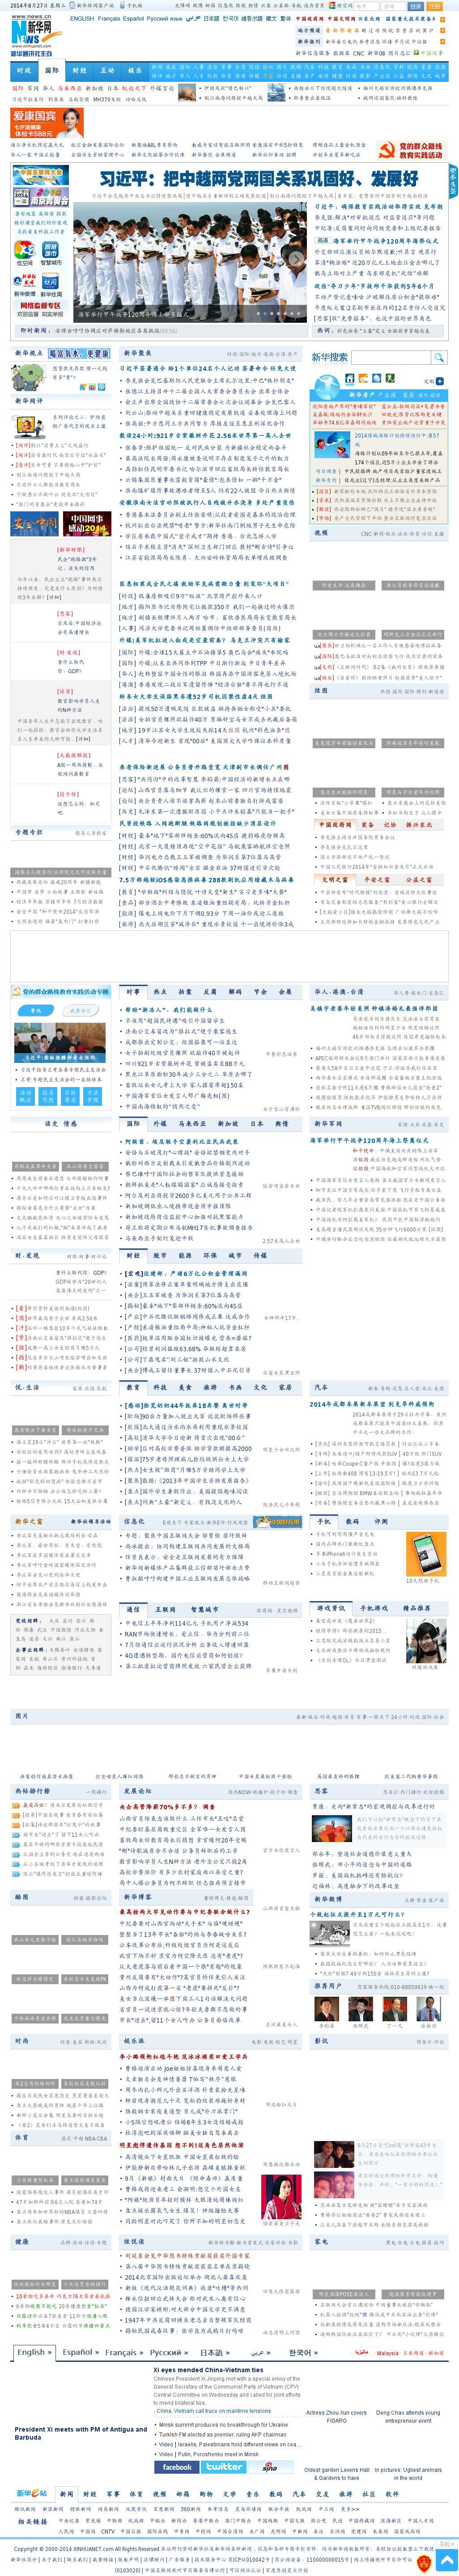 Xinhua at Wednesday Aug. 27, 2014, 5:19 p.m. UTC